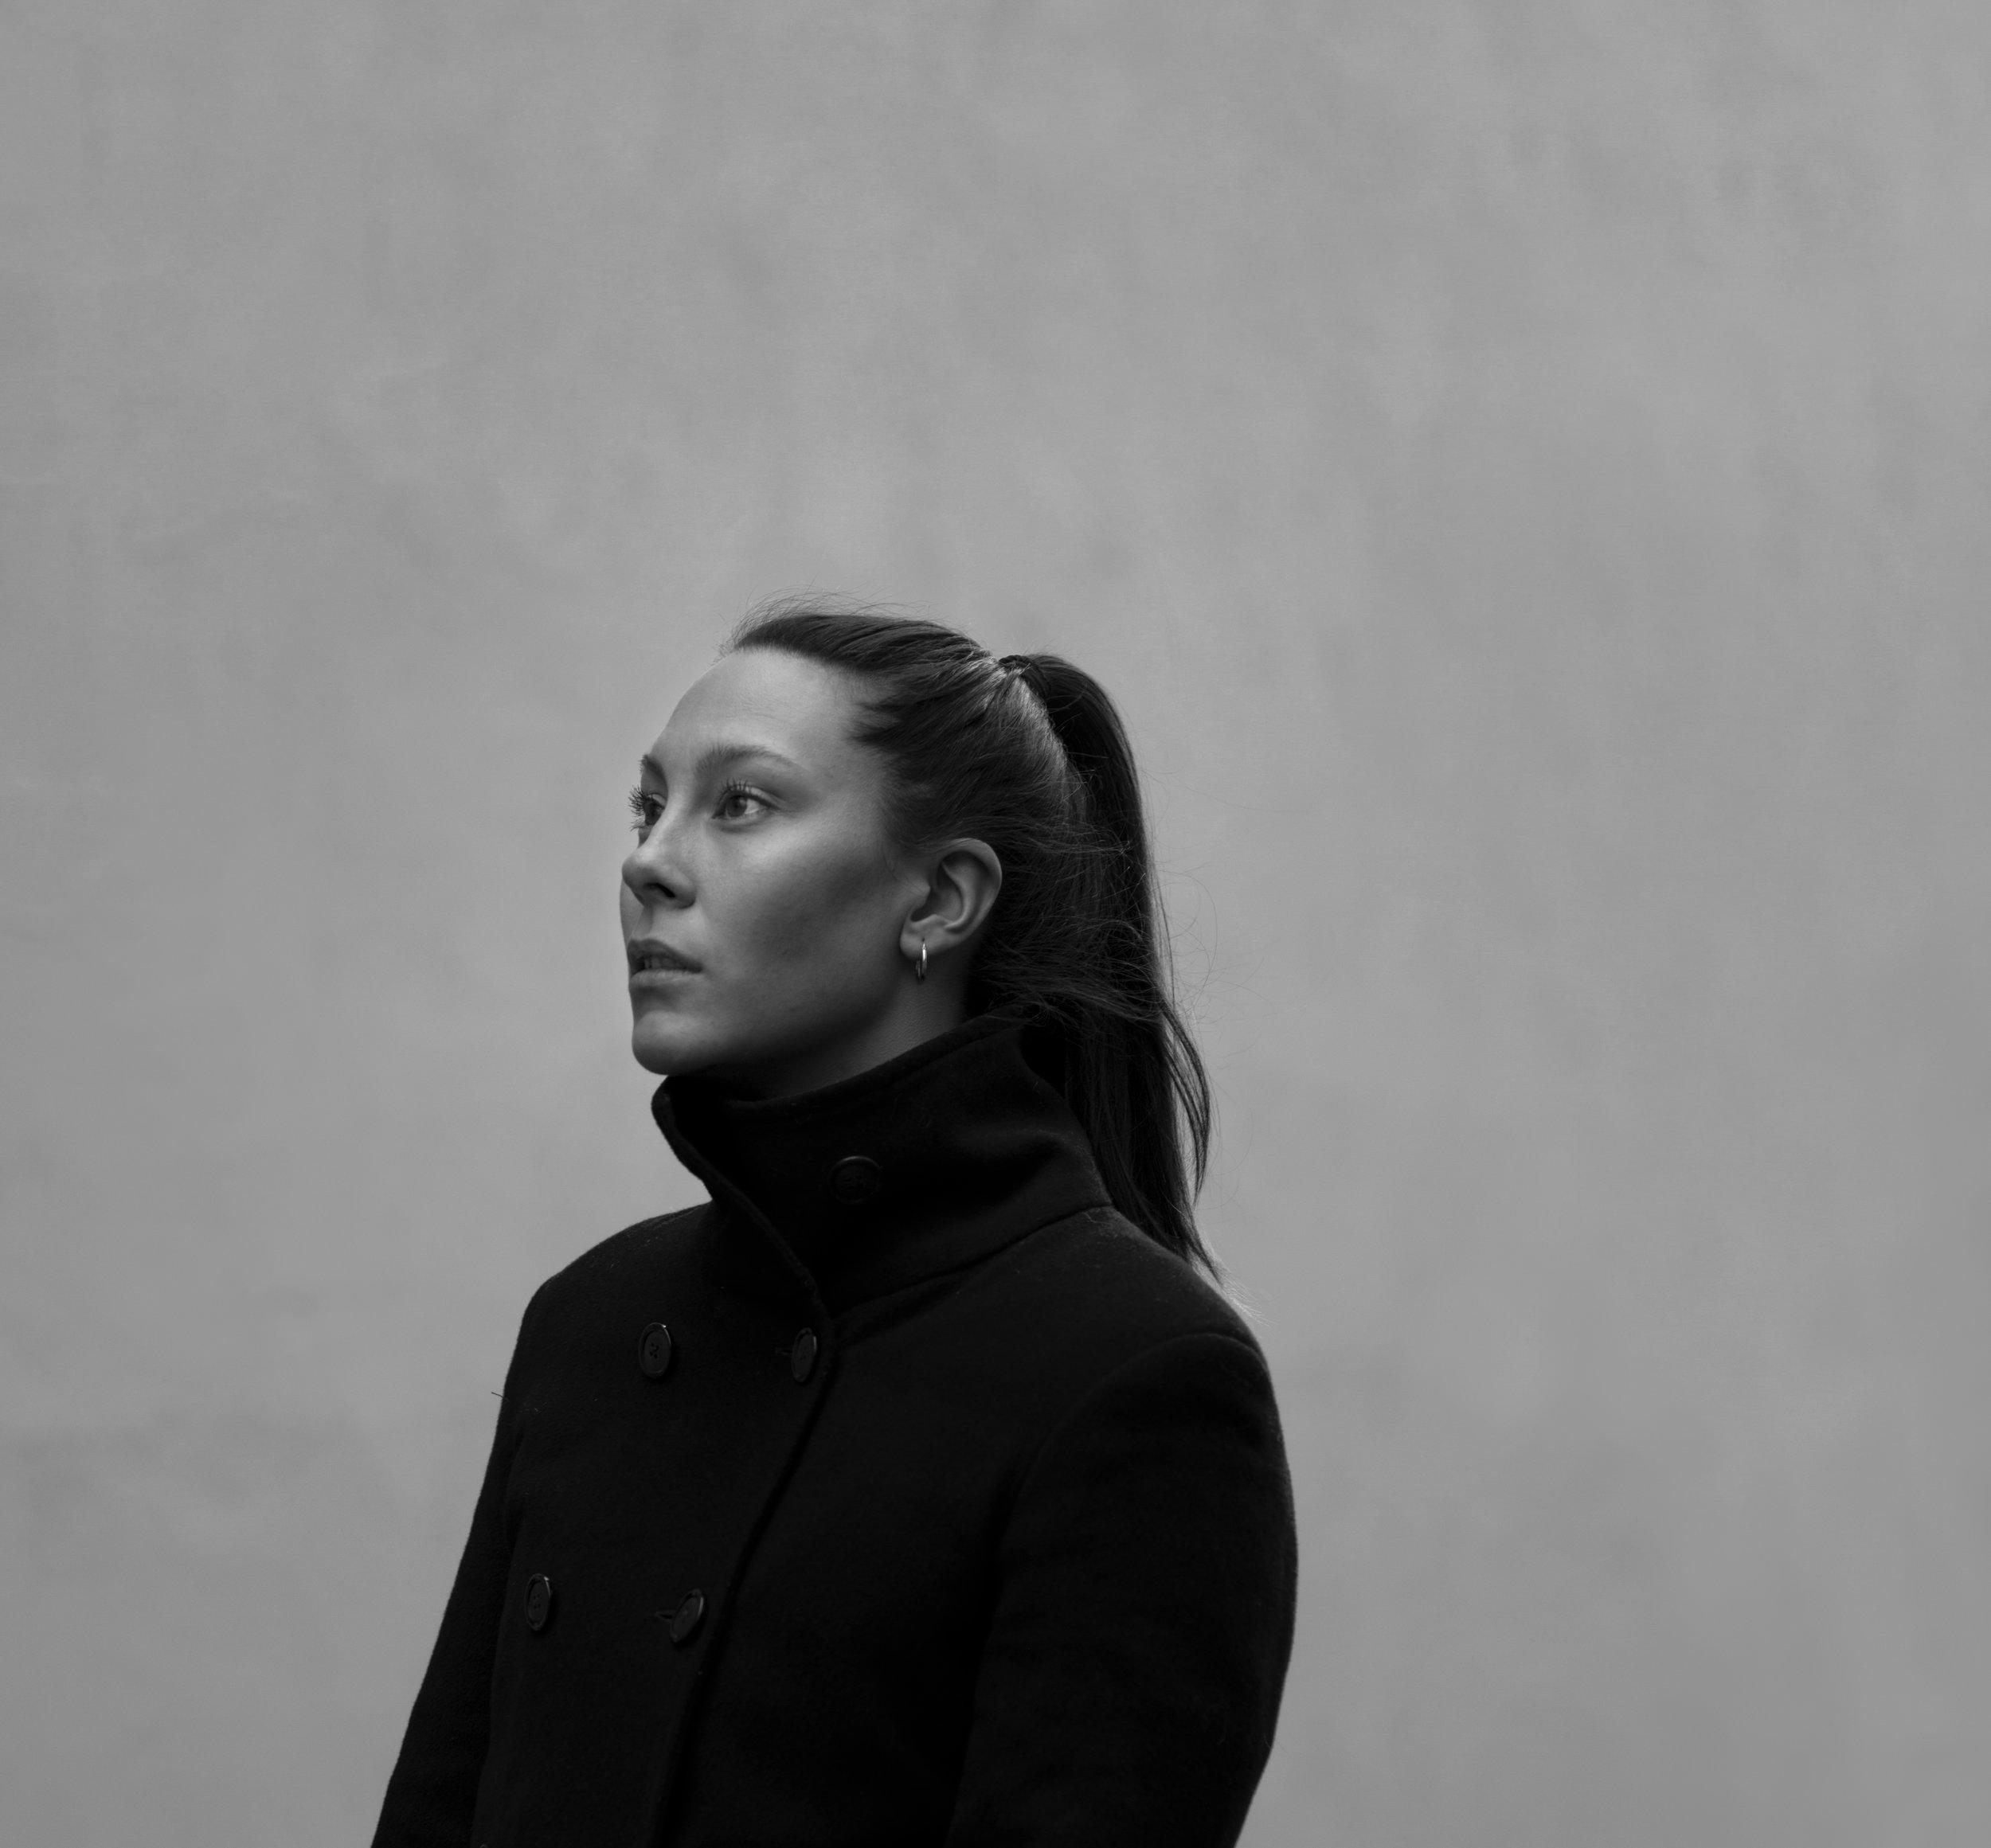 Photography : Lars Aalgaard